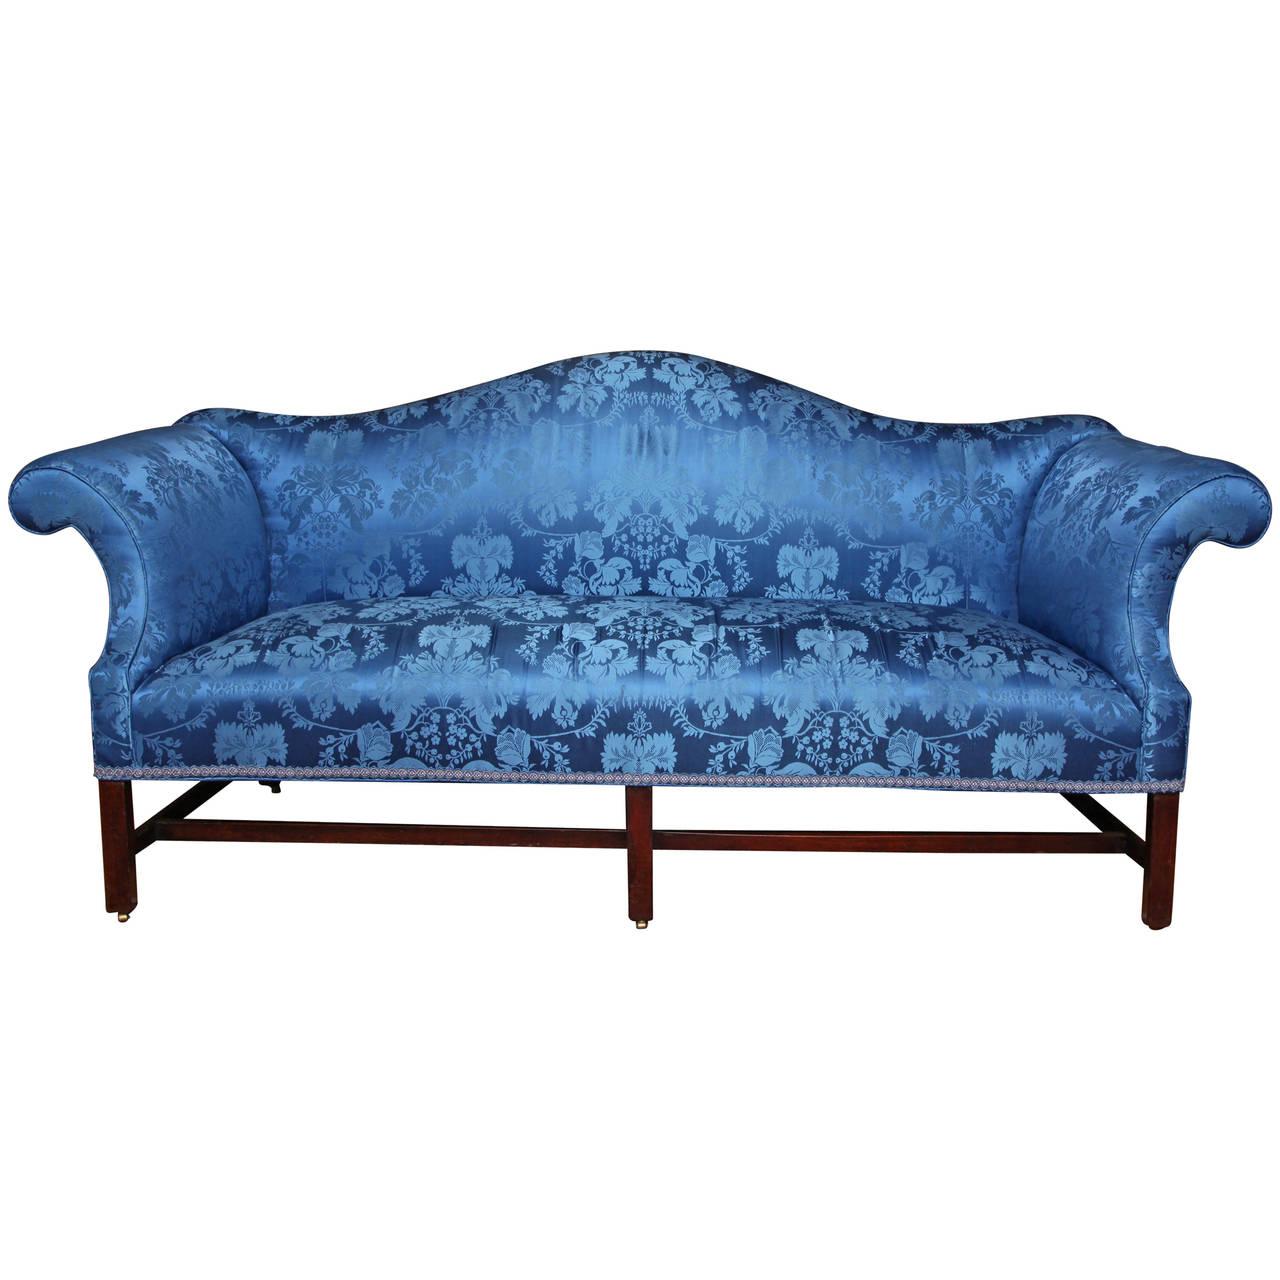 Drawn sofa cleopatra style Camelback Camelback 19th Century 19th